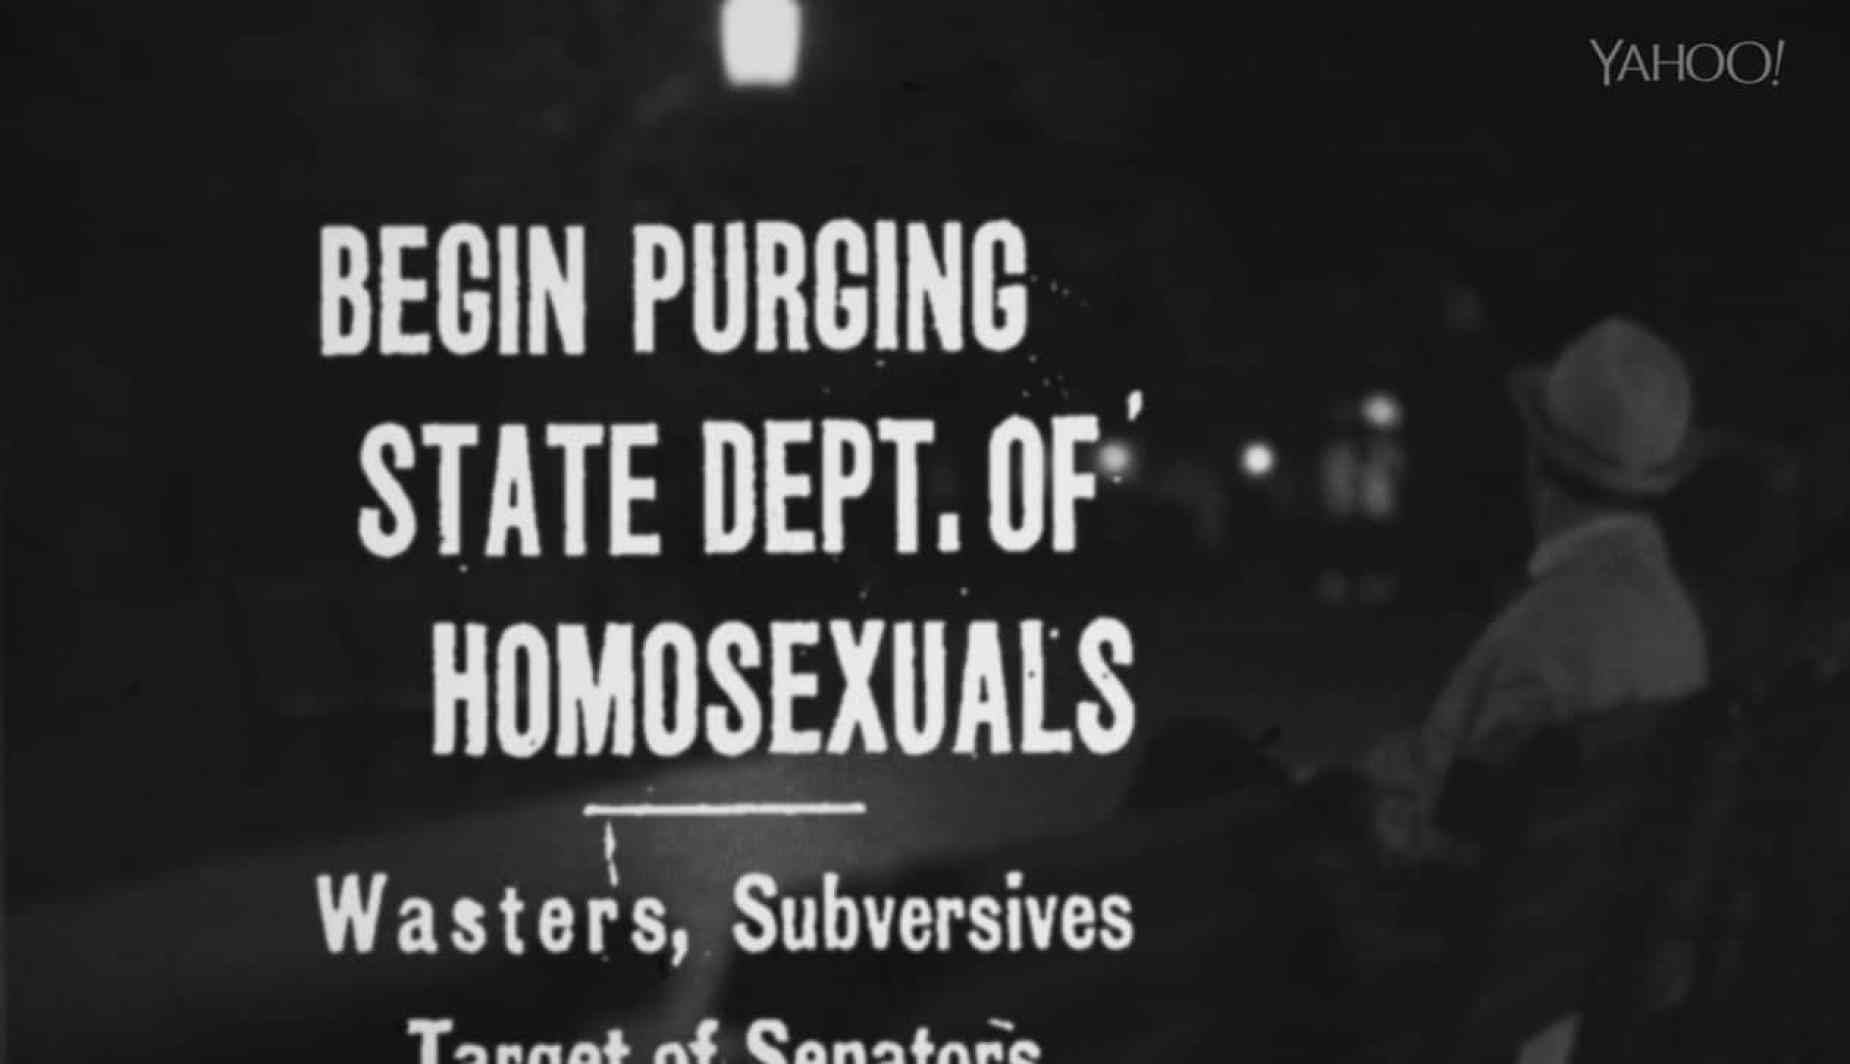 War on Gays